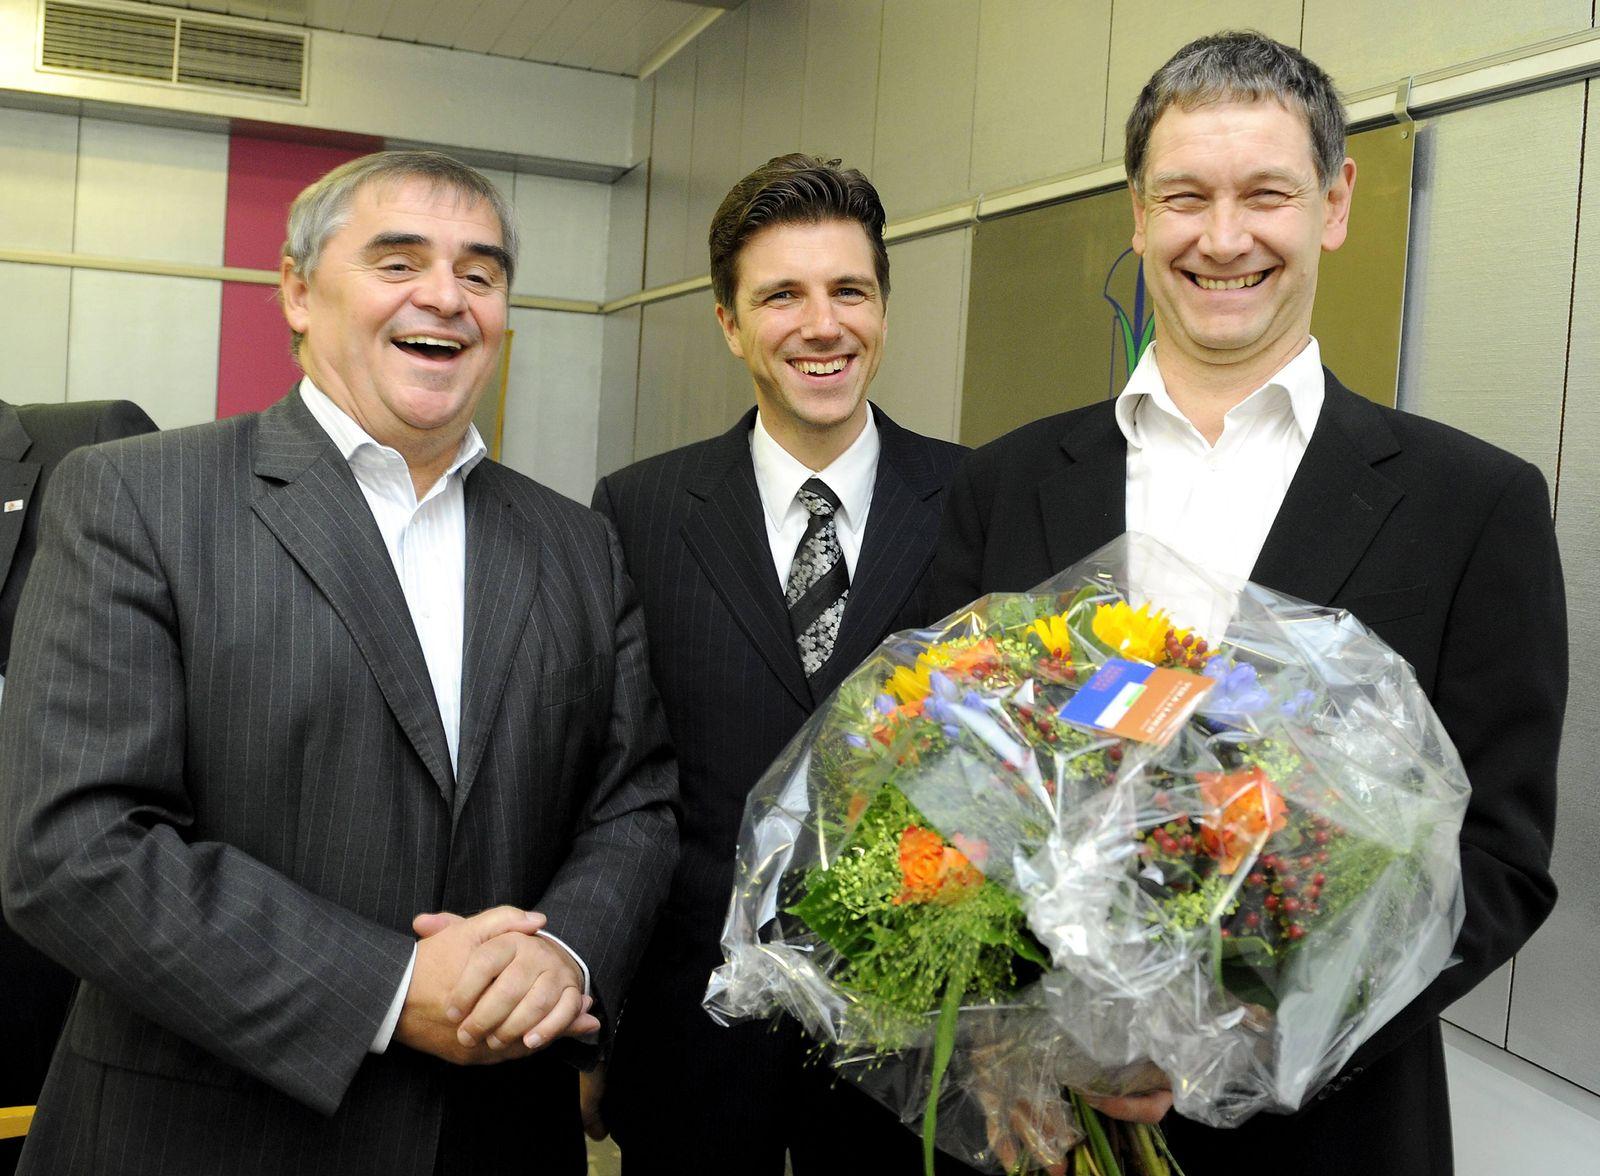 NICHT VERWENDEN Peter Mueller, Christoph Hartmann, Hubert Ulrich, Saarland, Koalition